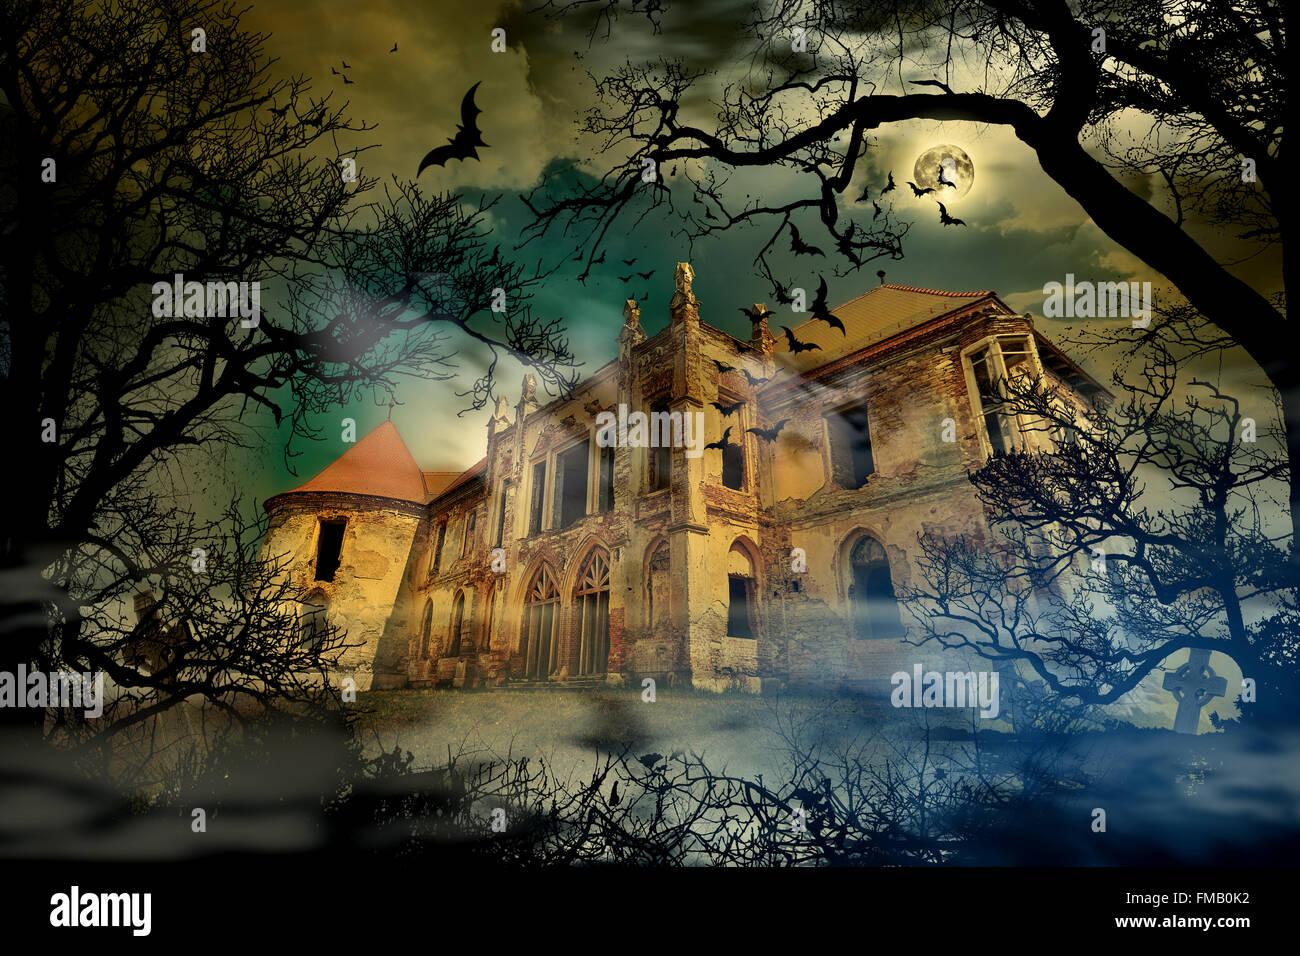 Château hanté en fond brumeux avec des silhouettes d'arbres. Photo Stock